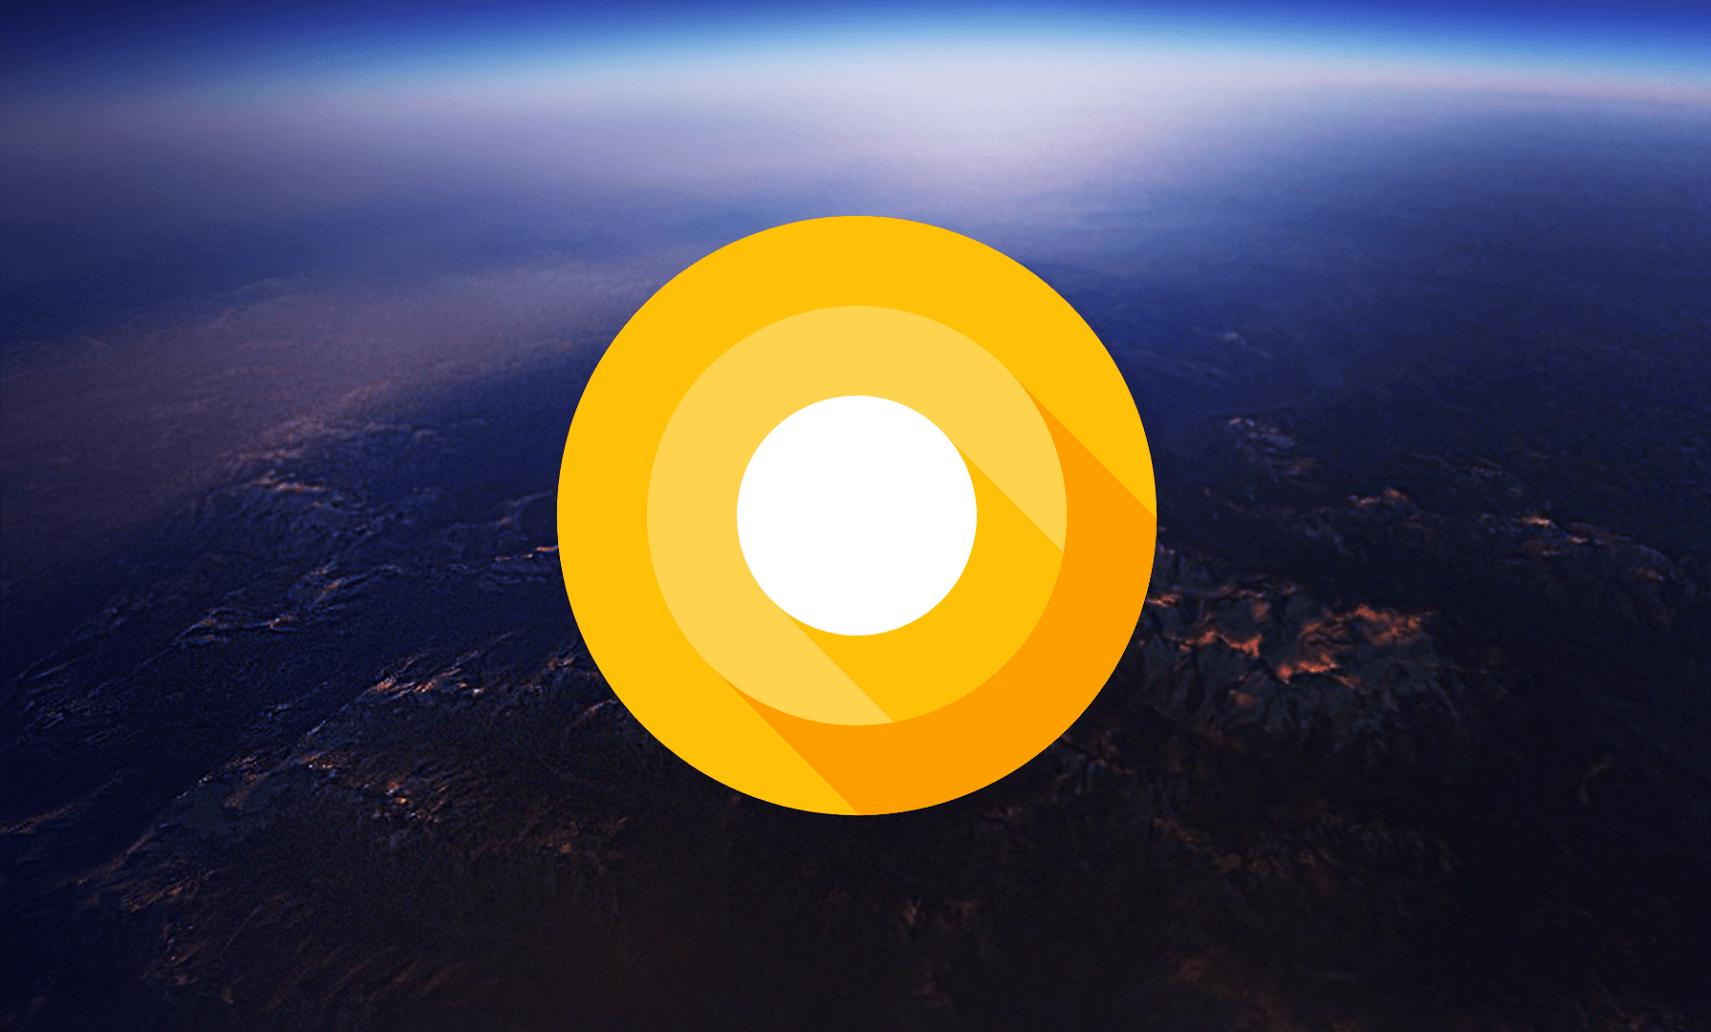 Android O : le numéro de version confirmé dans la DP3